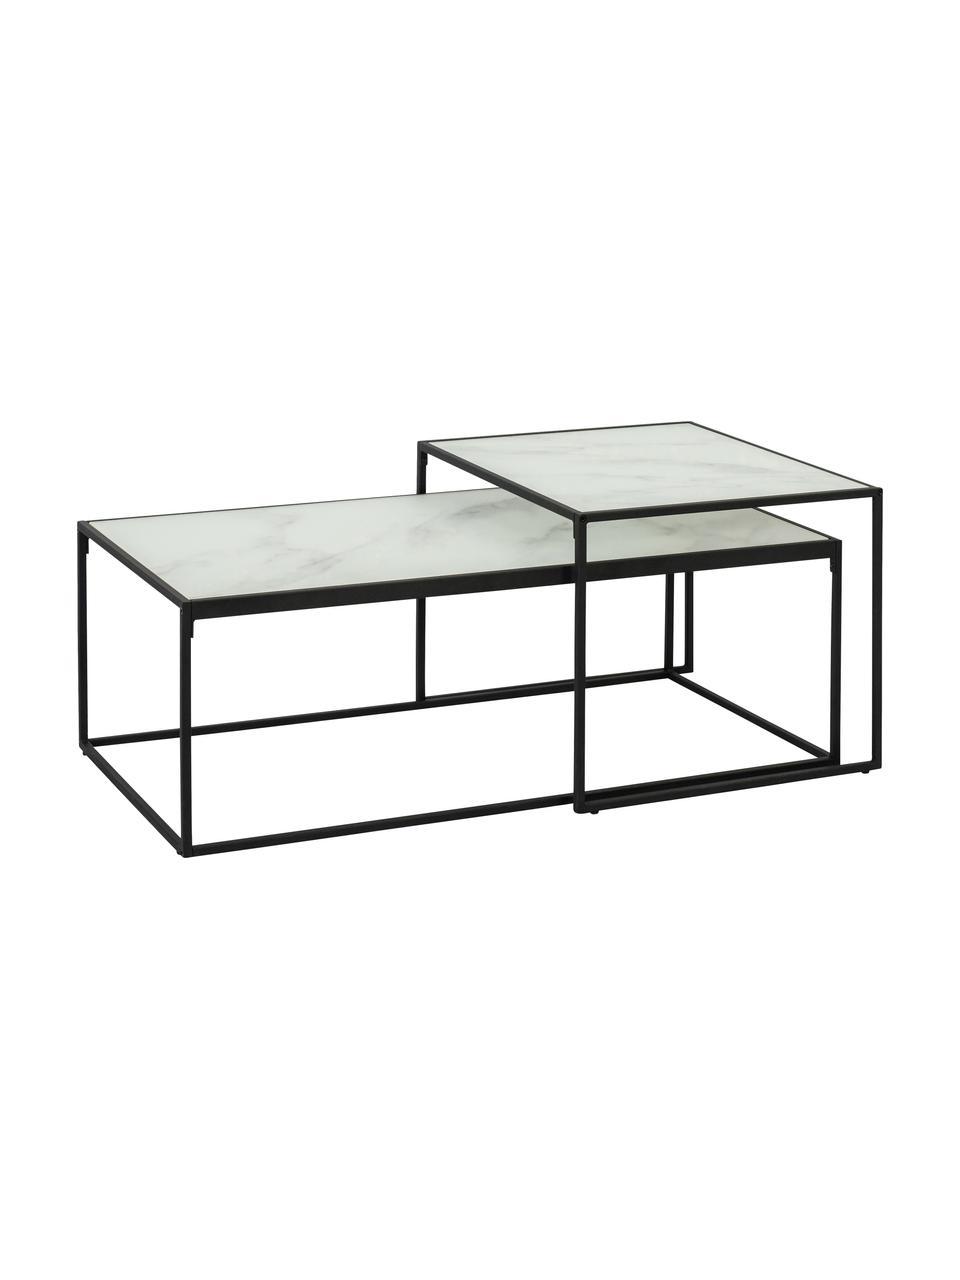 Komplet stolików kawowych Bolton z imitacją marmuru, 2 elem., Stelaż: metal malowany proszkowo, Biały, Komplet z różnymi rozmiarami